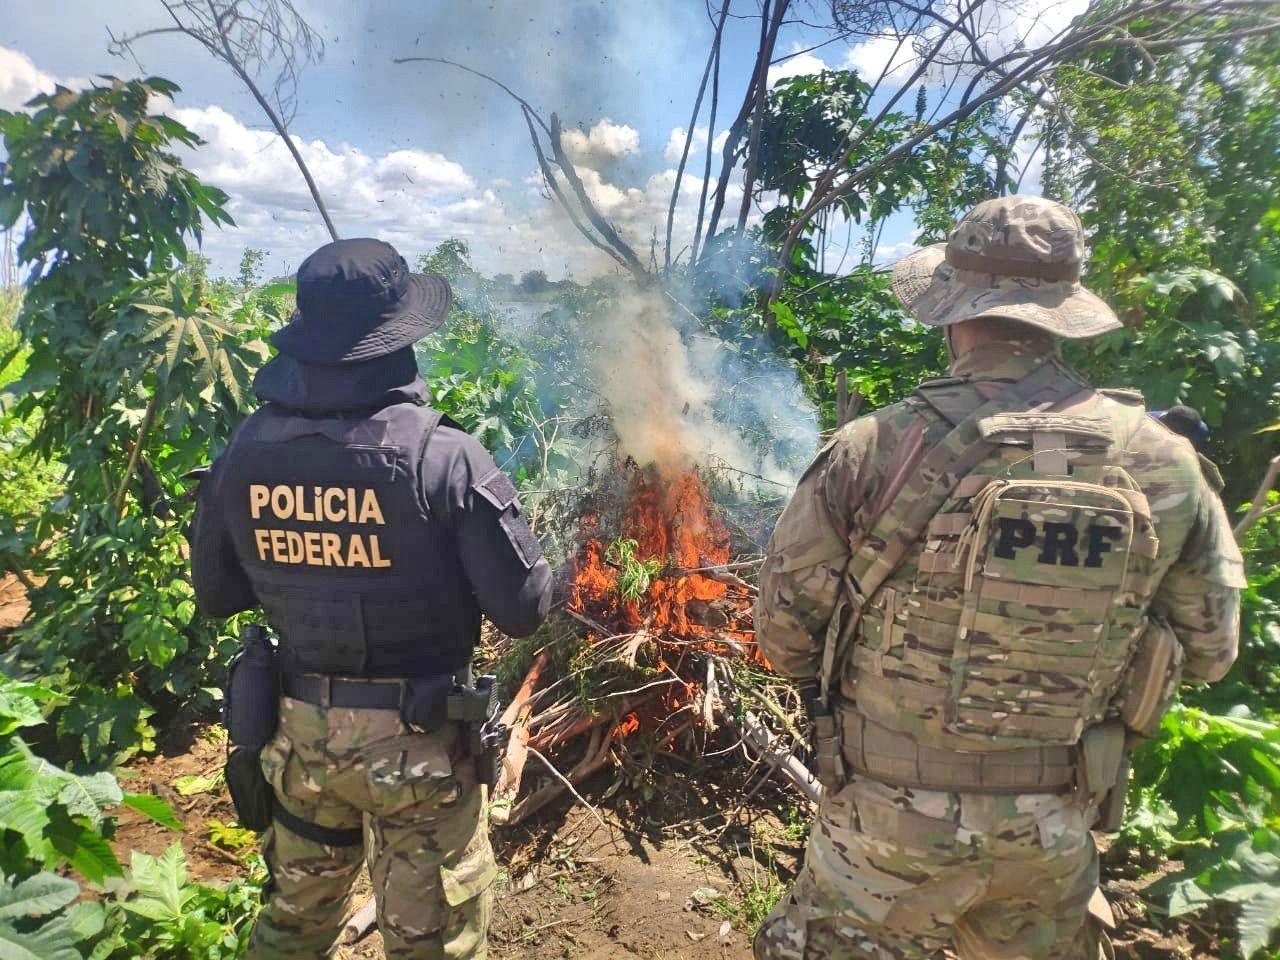 Polícia Federal erradica 538 mil pés de maconha no Sertão de Pernambuco